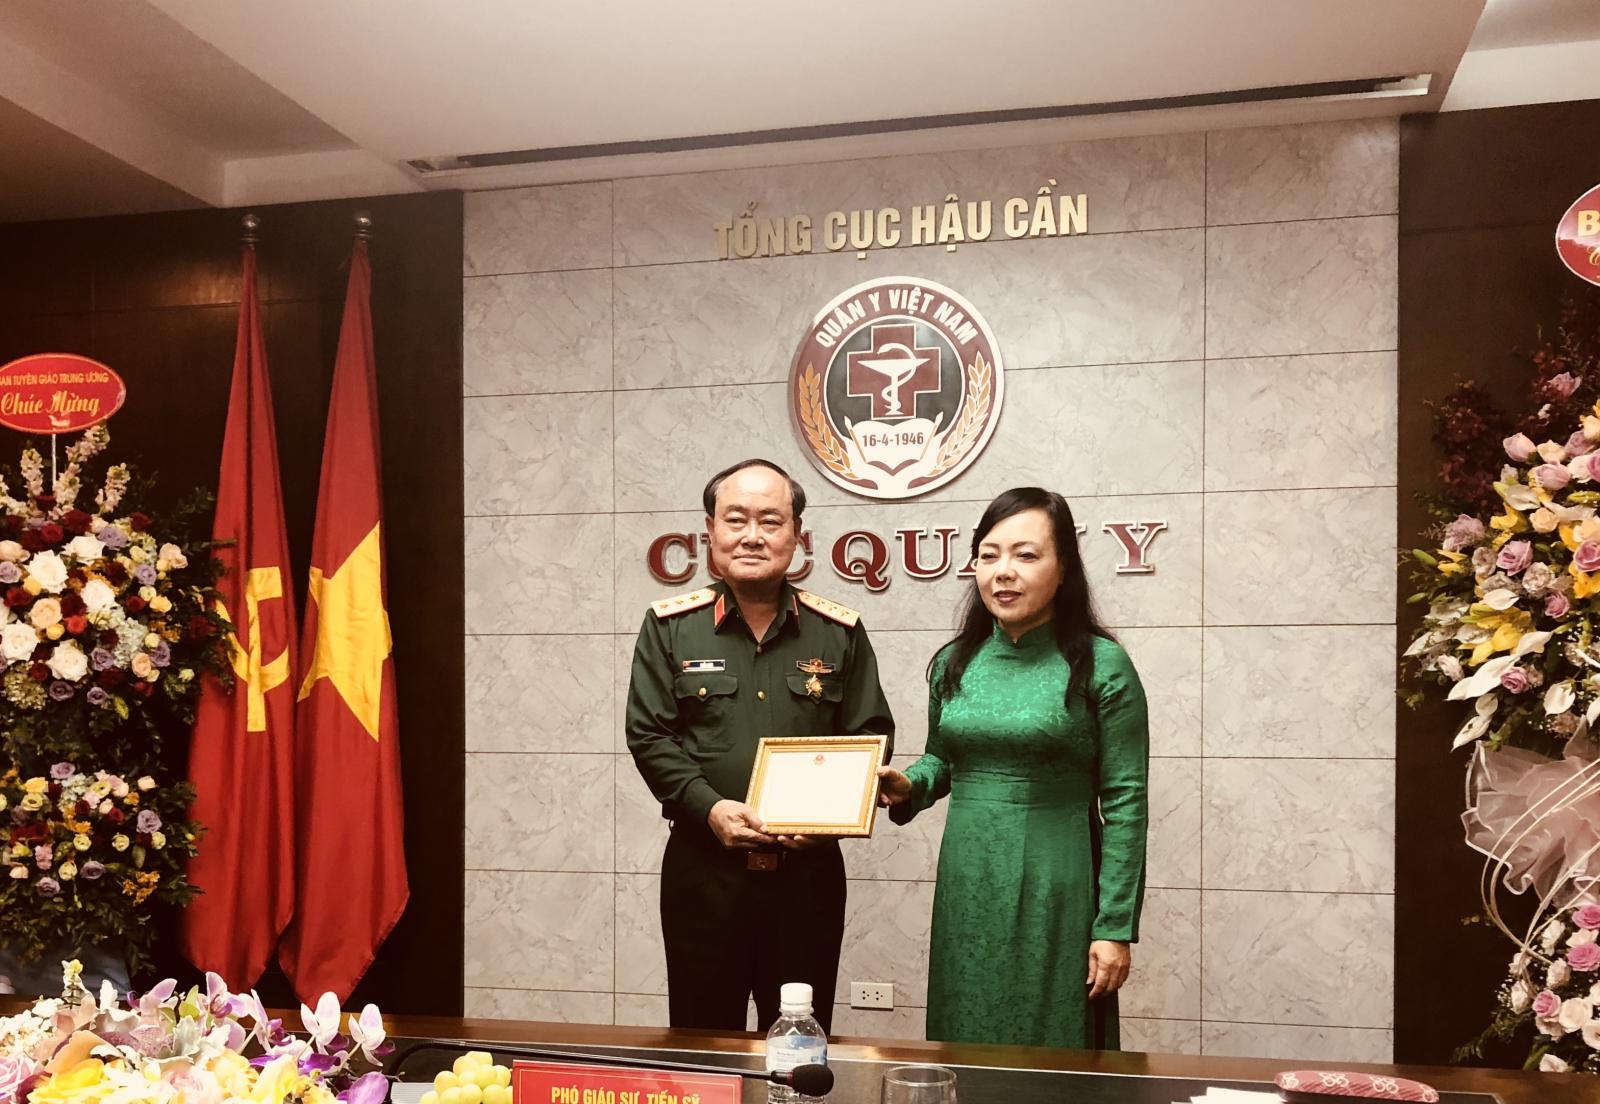 Hội nghị triển khai công tác kết hợp Quân dân y năm 2019